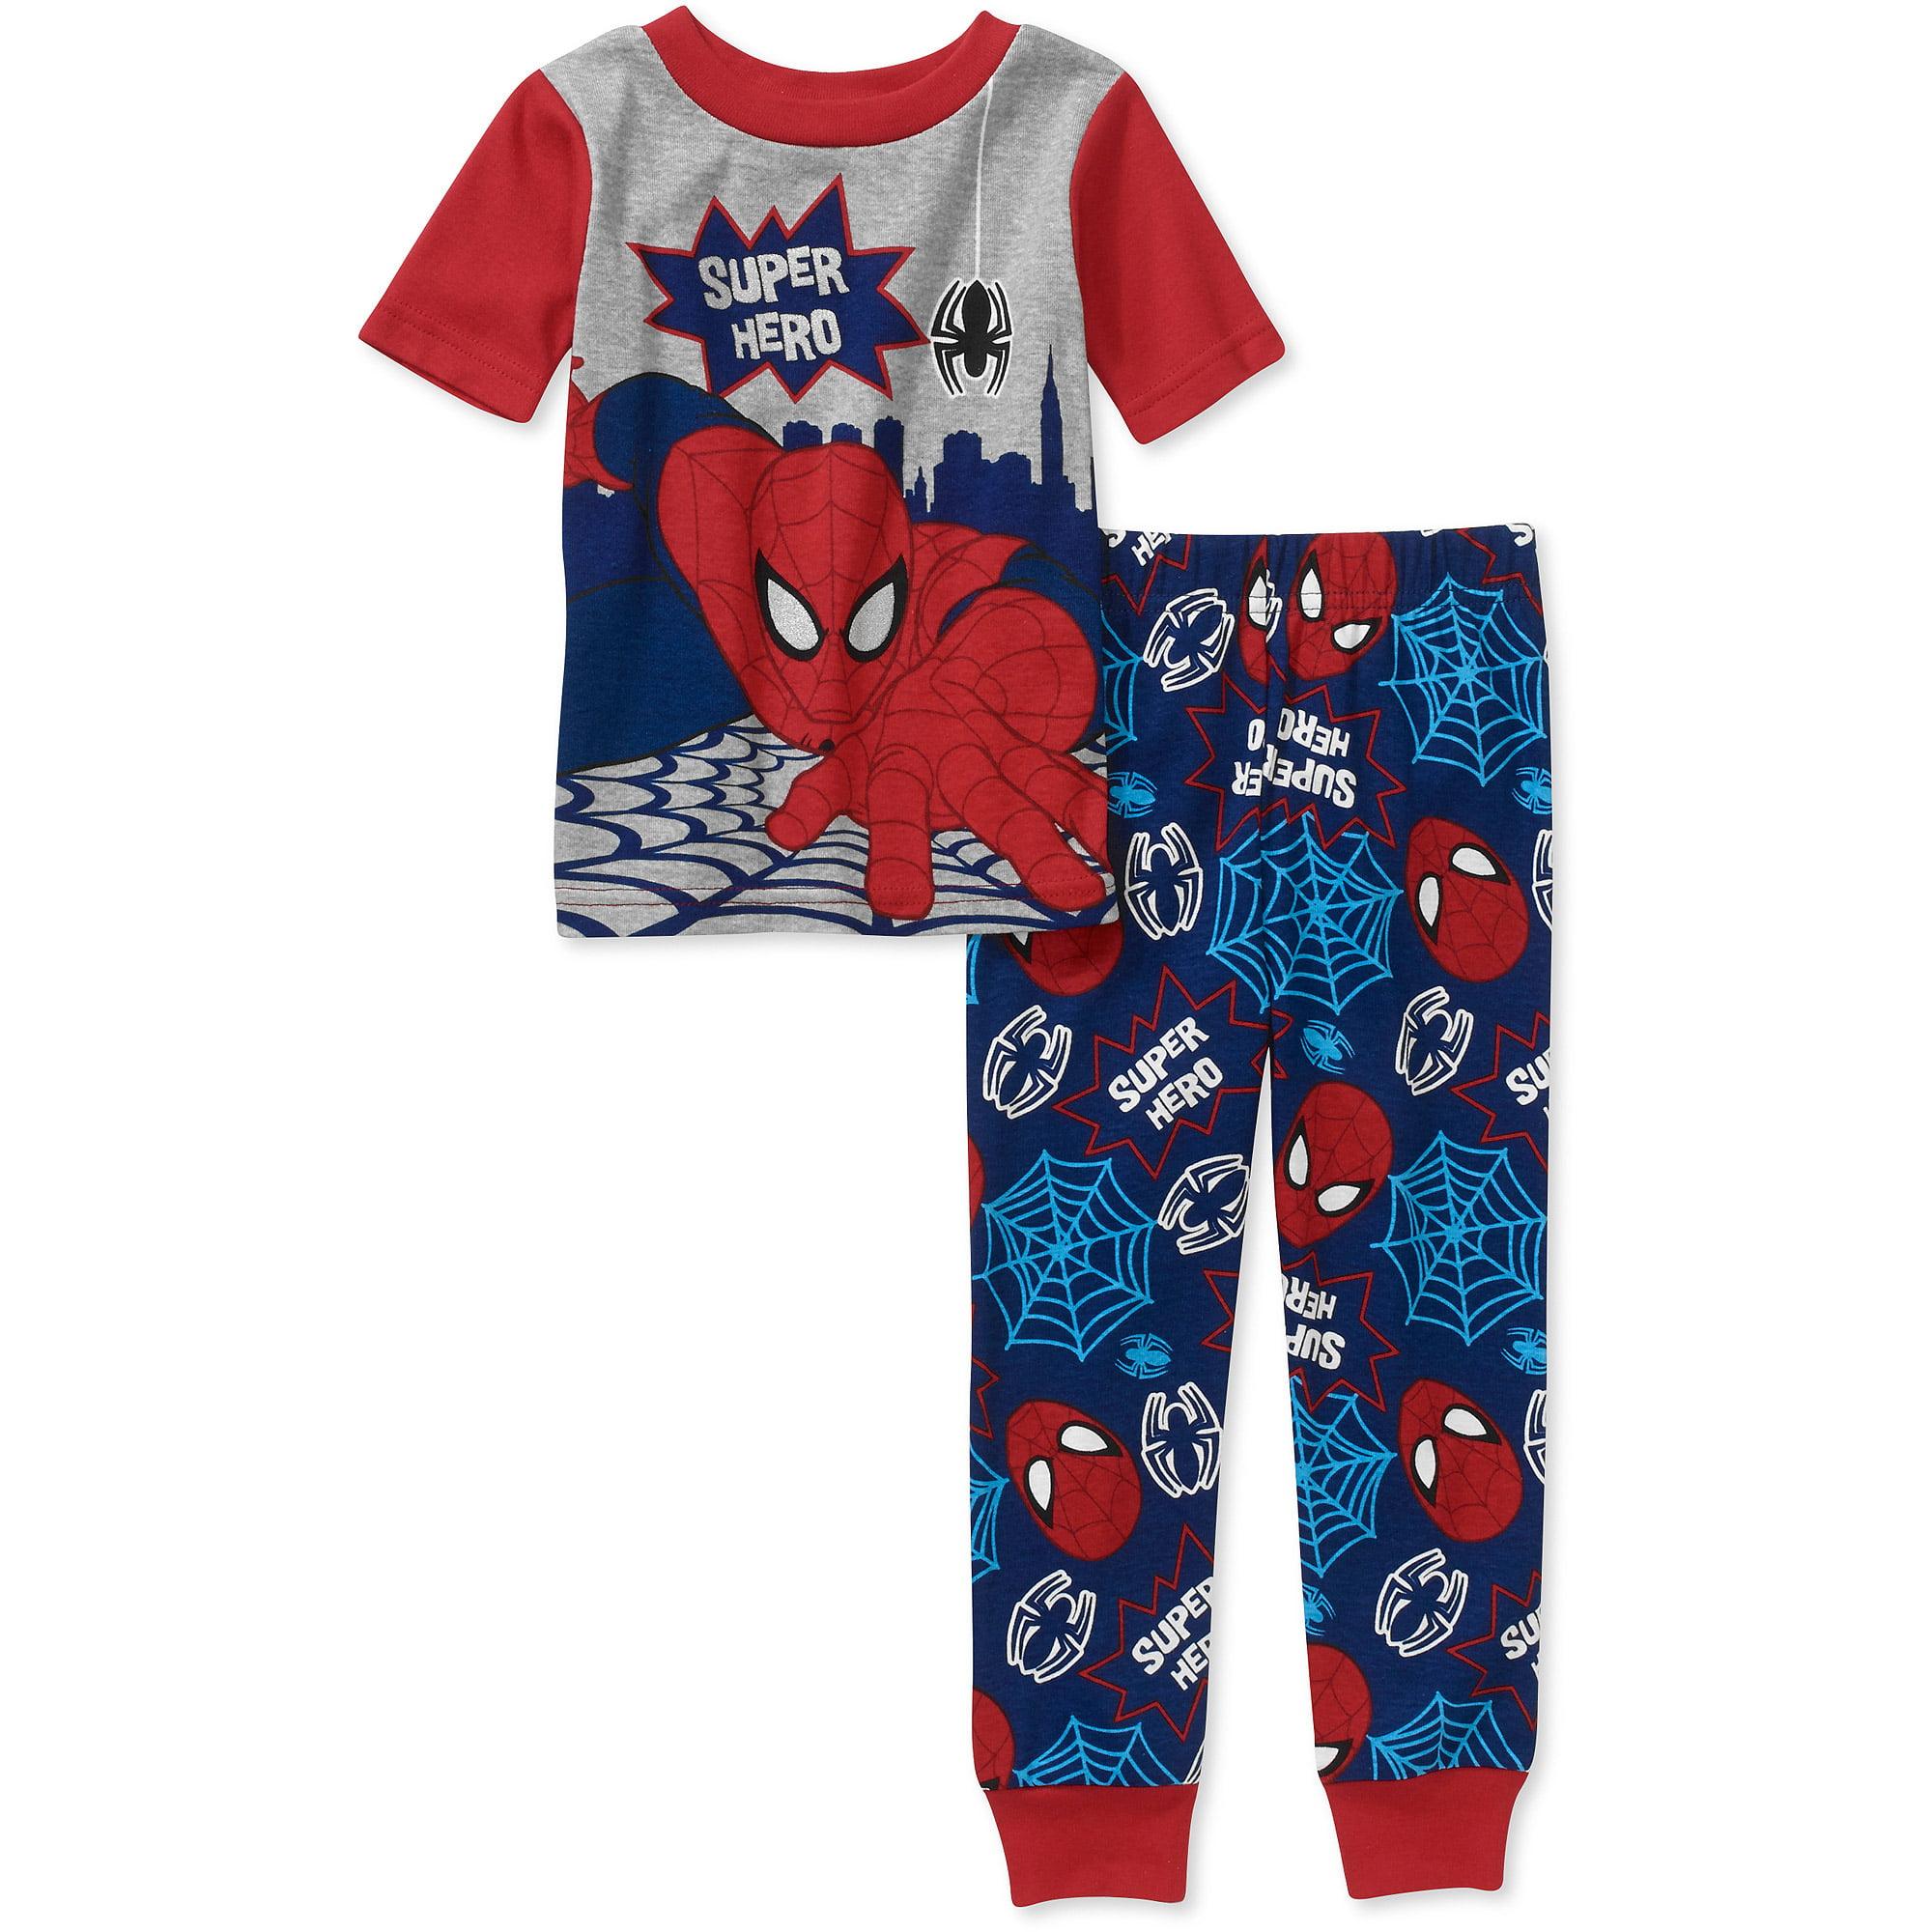 Spiderman Baby Toddler Boy Cotton Pajama Set